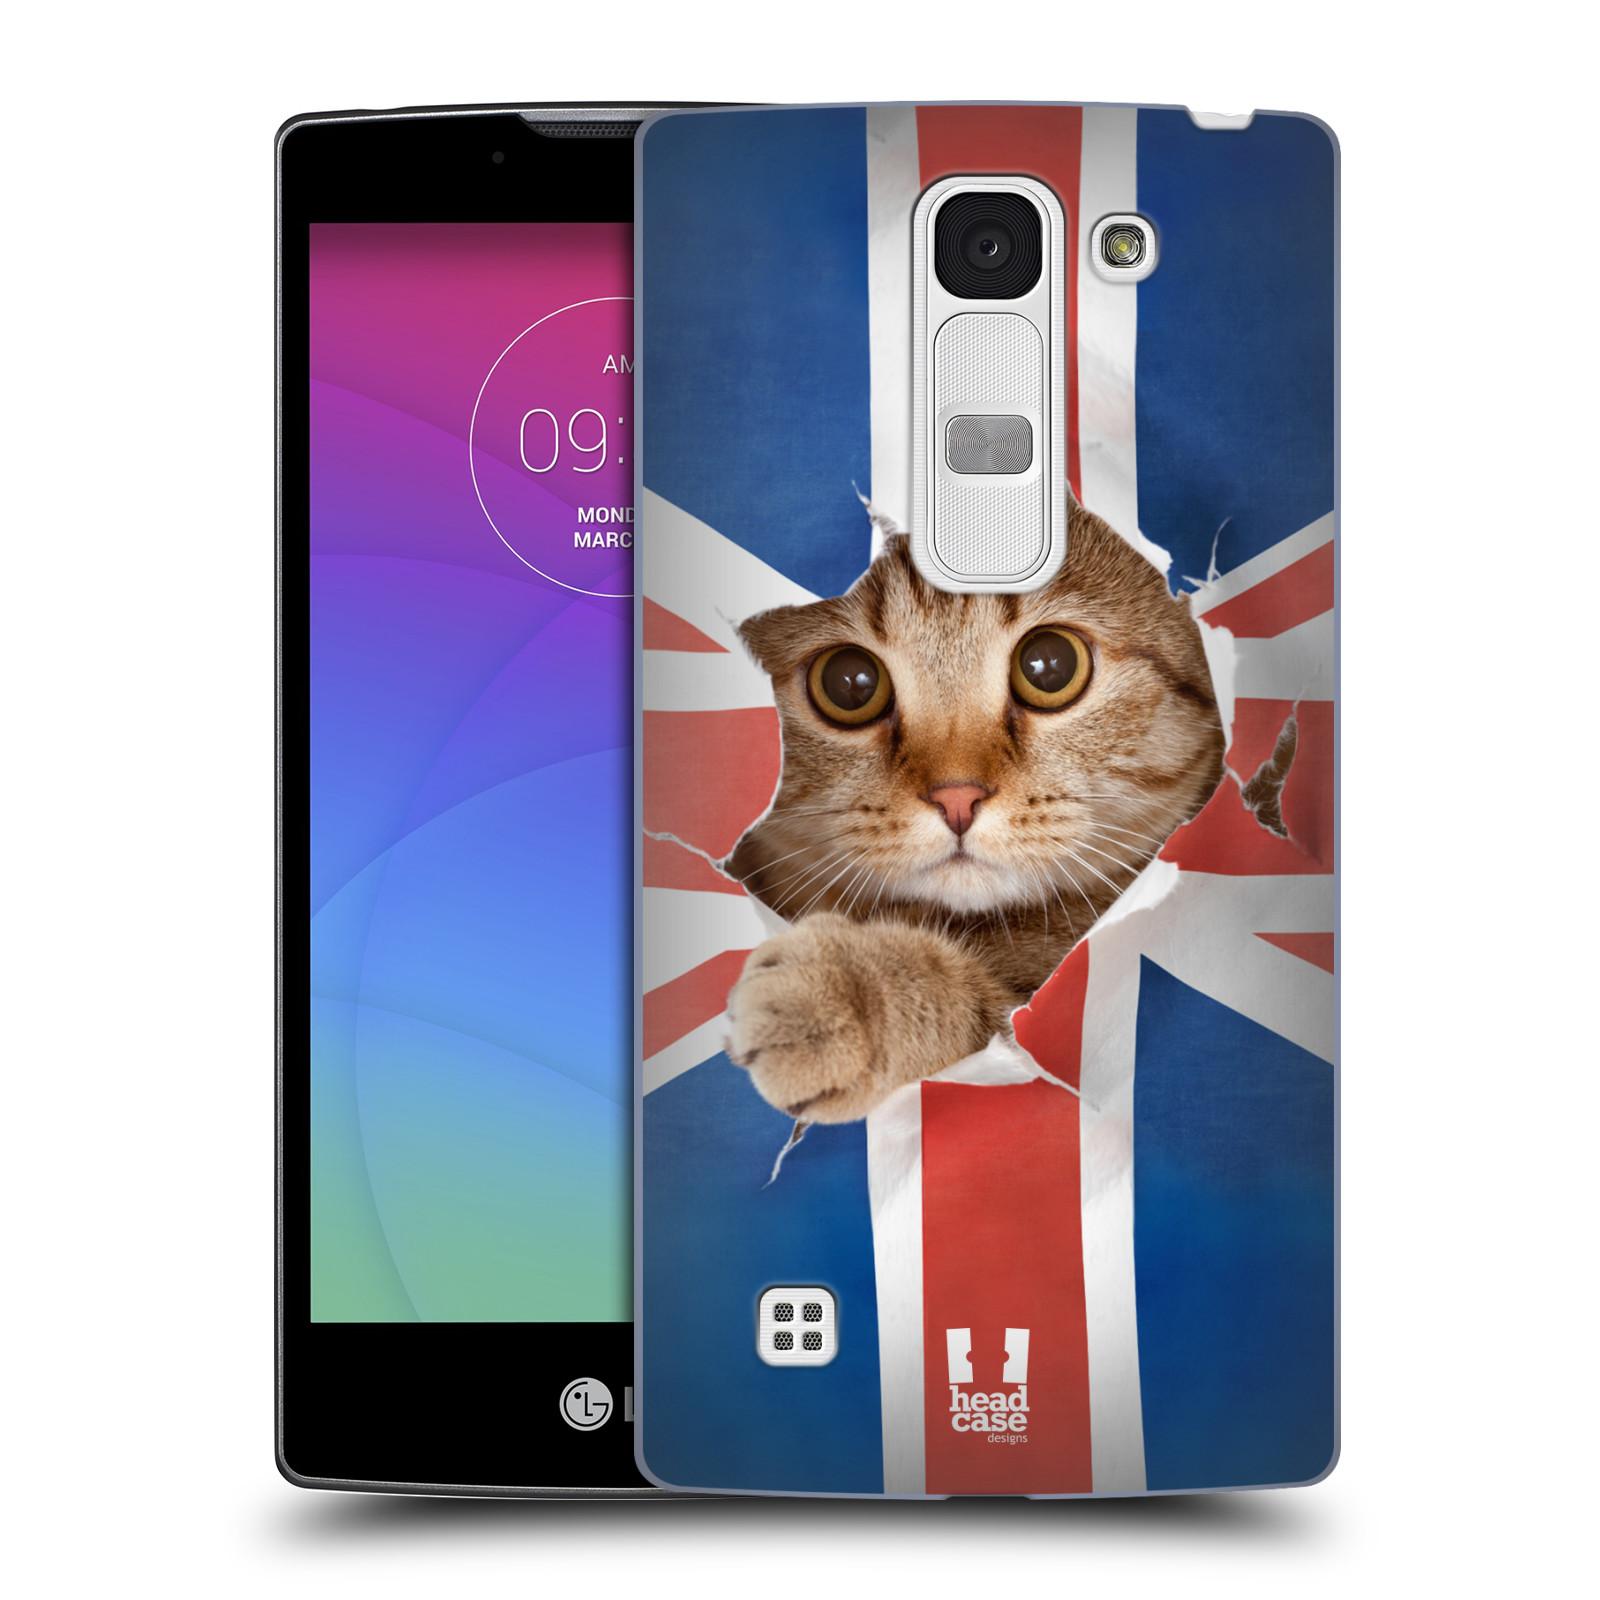 Plastové pouzdro na mobil LG Spirit LTE HEAD CASE KOČKA A VLAJKA (Kryt či obal na mobilní telefon LG Spirit H420 a LG Spirit LTE H440N)